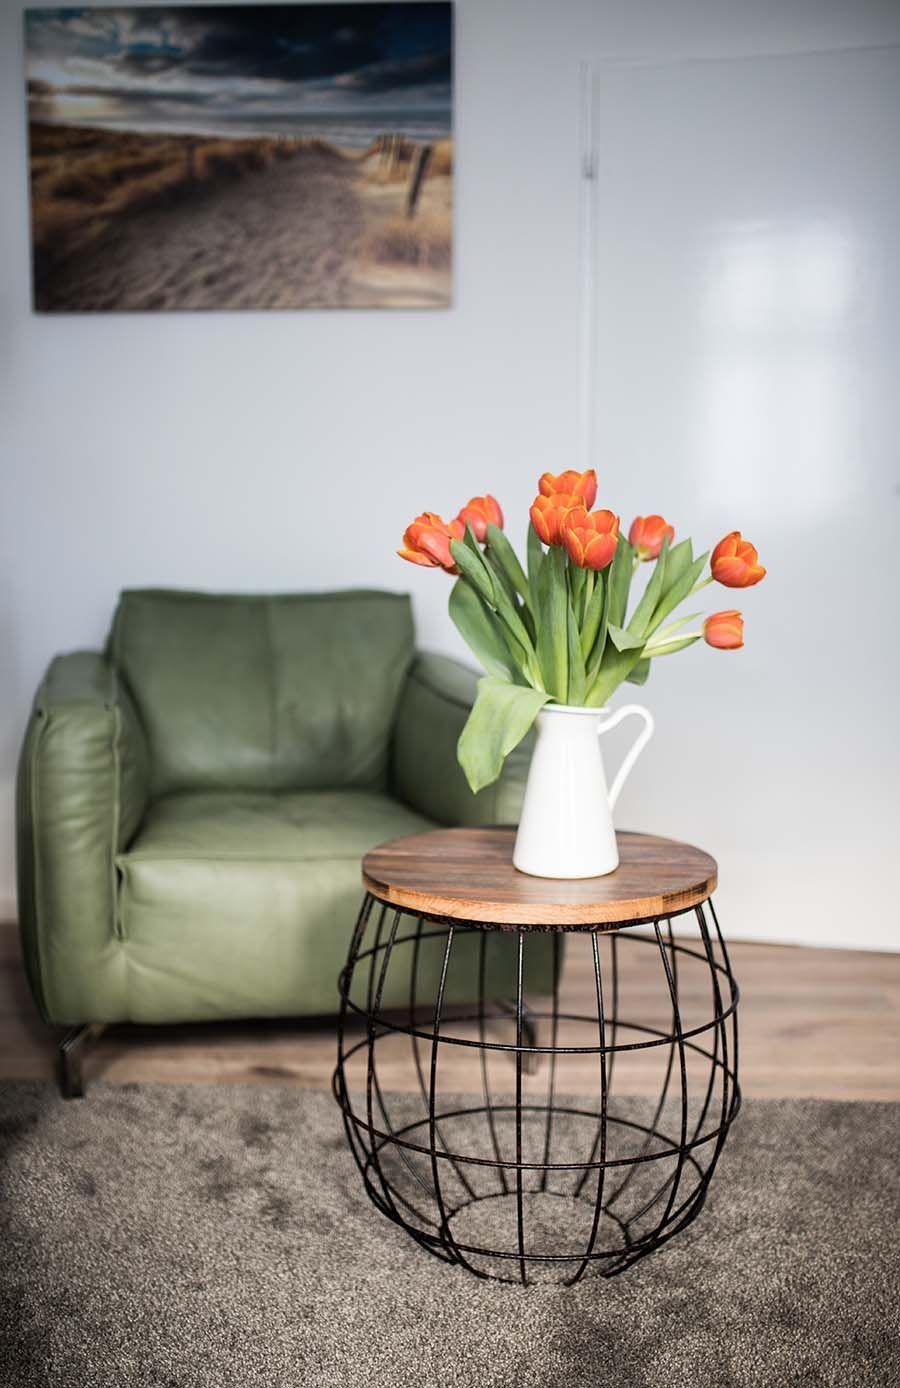 3 Wohnideen Für Eine Moderne Inneneinrichtung Lumizil Drahtkorb Tisch Korb Tisch Moderne Inneneinrichtung